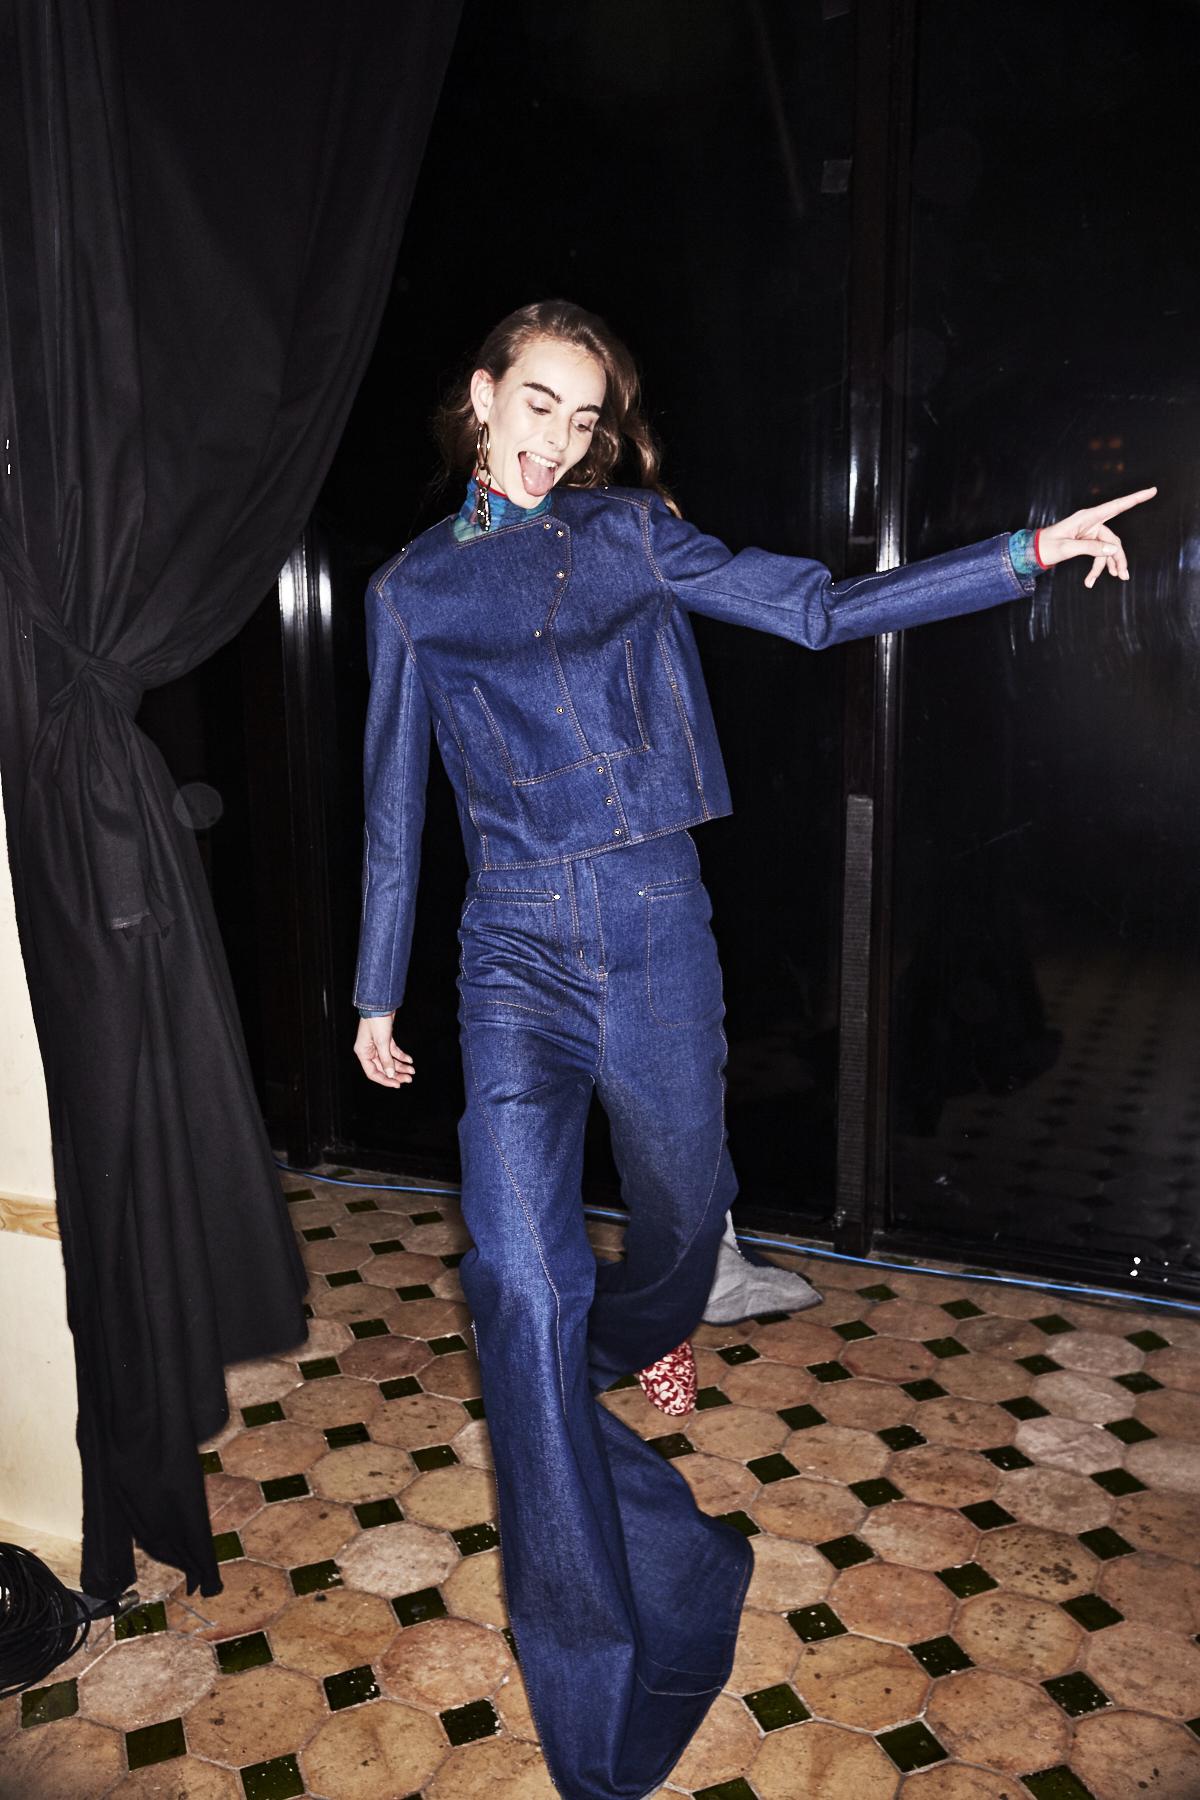 Dieses Bild zeigt ein Mädchen im Backstage Bereich der Esteban Cortazar Modenschau mit einer Jeansjacke und Jeans-Schlaghose.